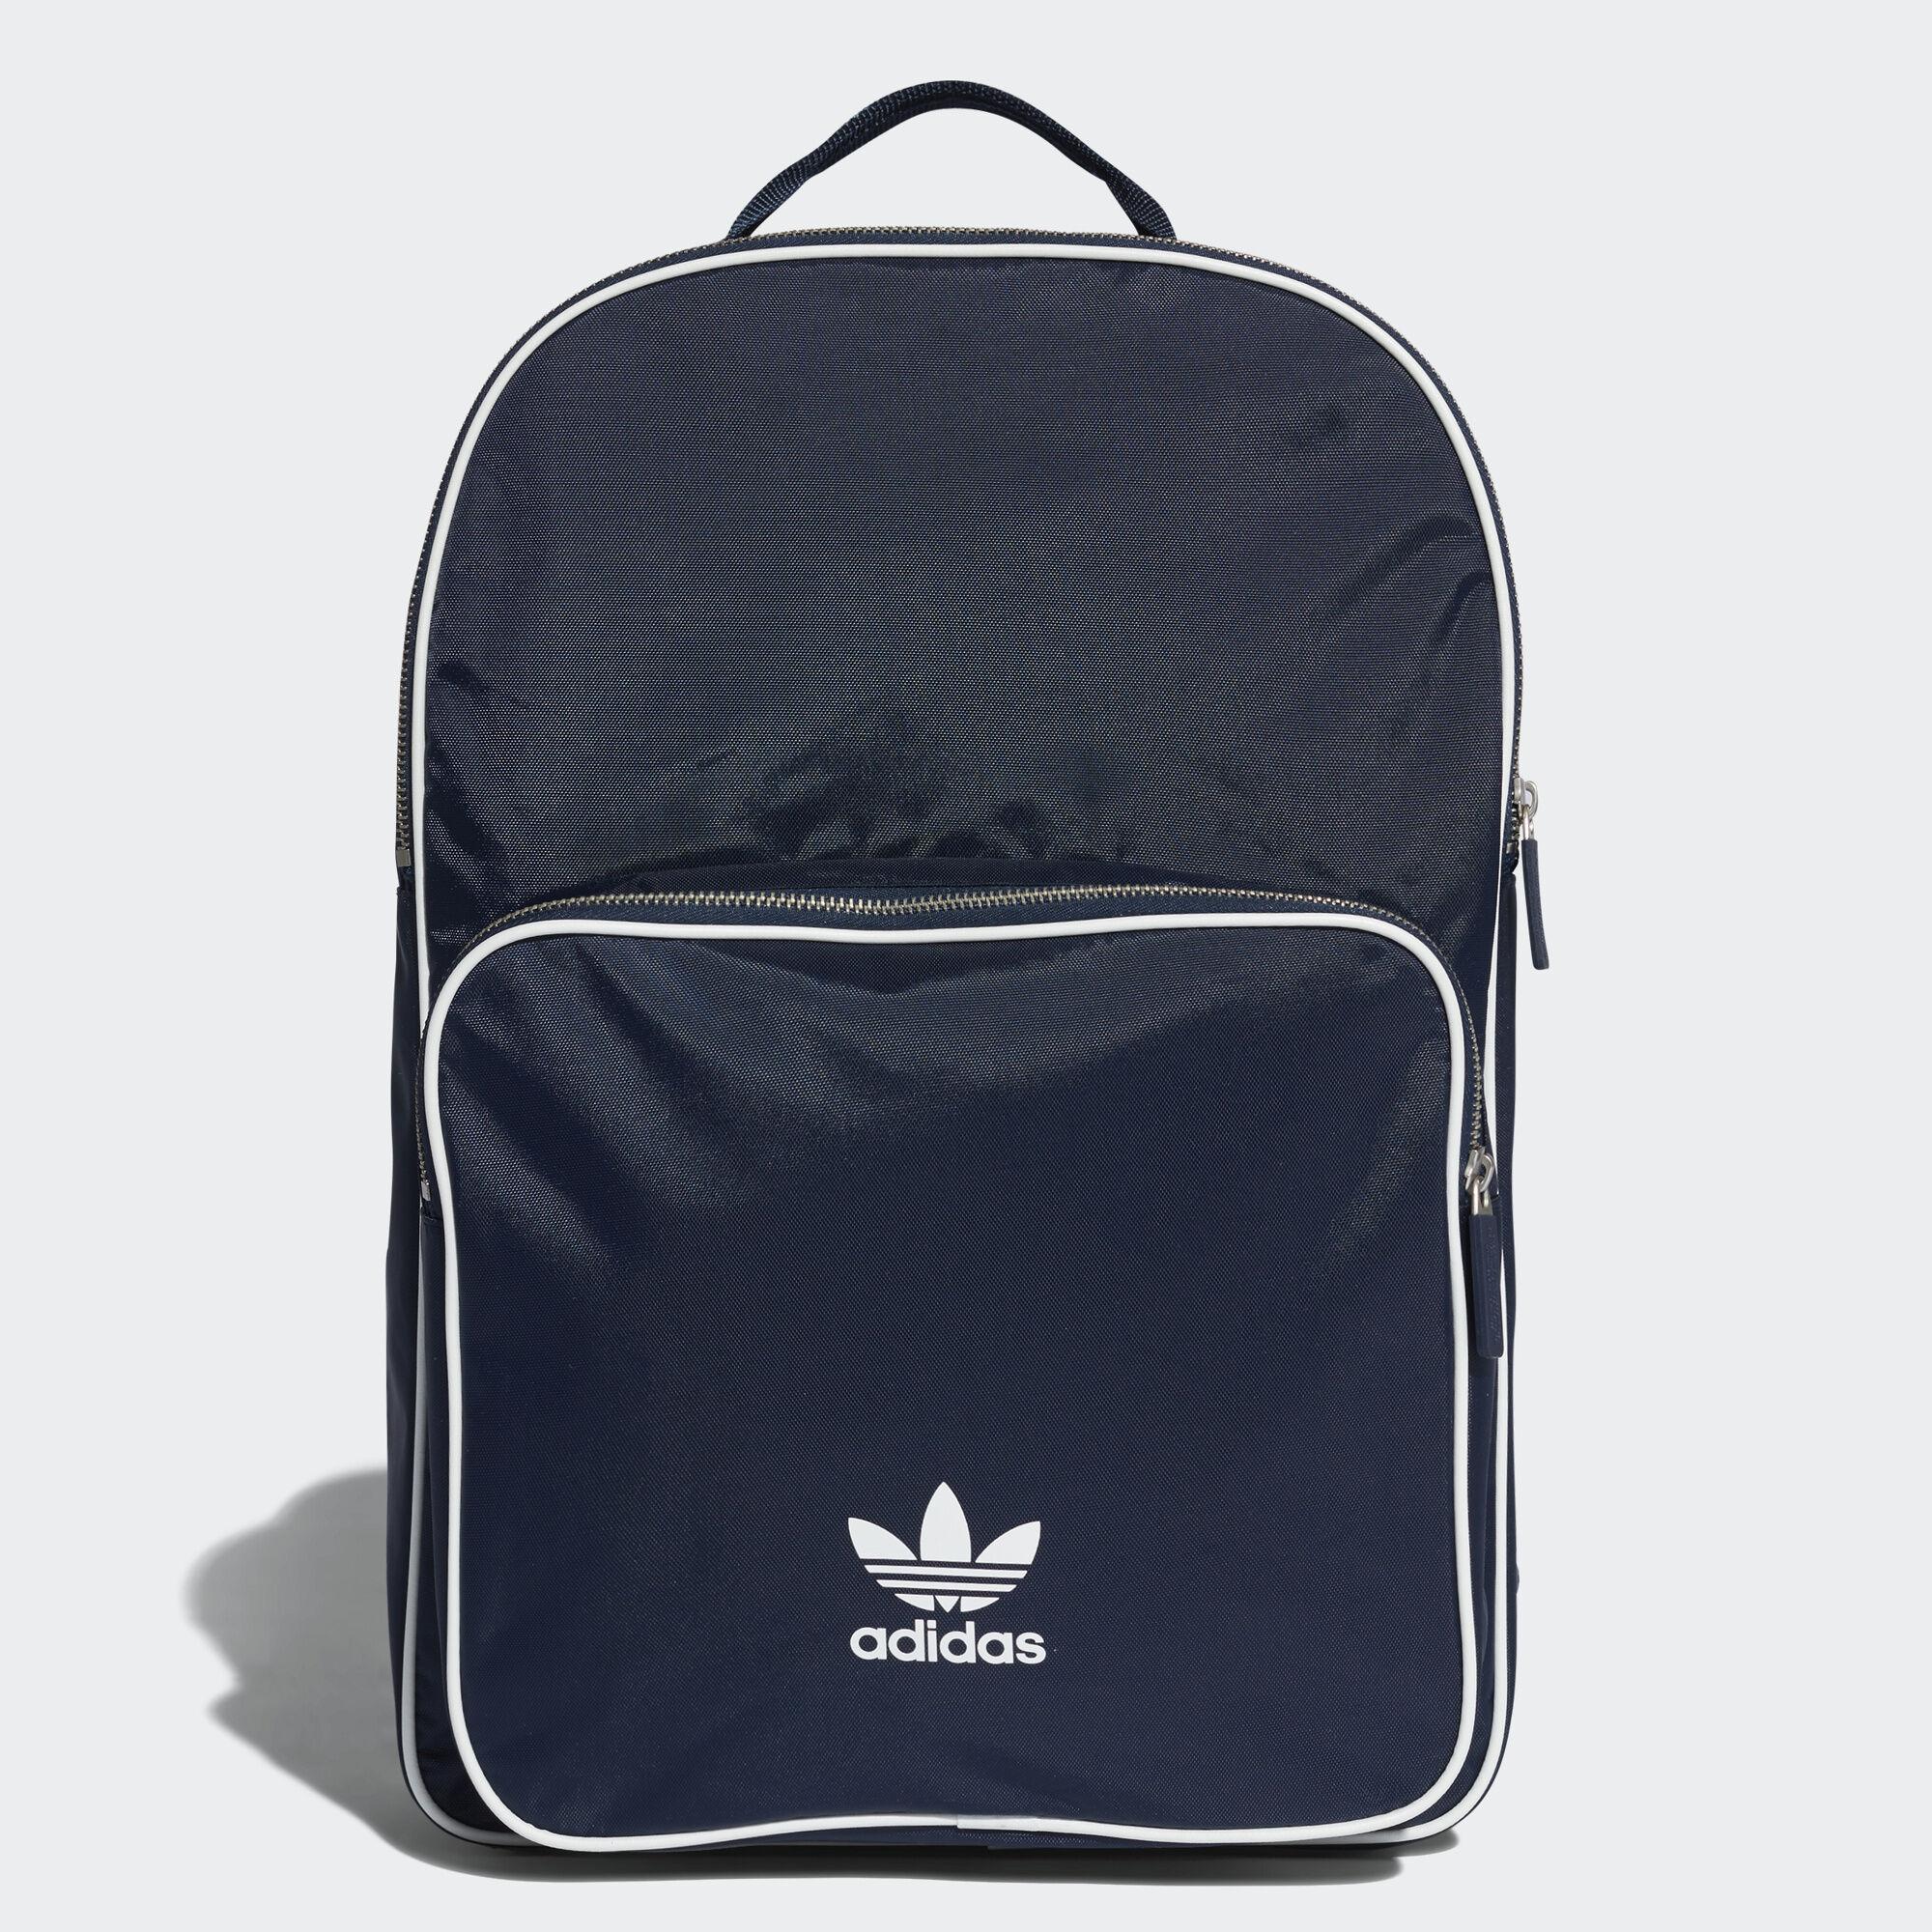 c669326f0c5e adidas - Classic Backpack Collegiate Navy CW0633. Originals